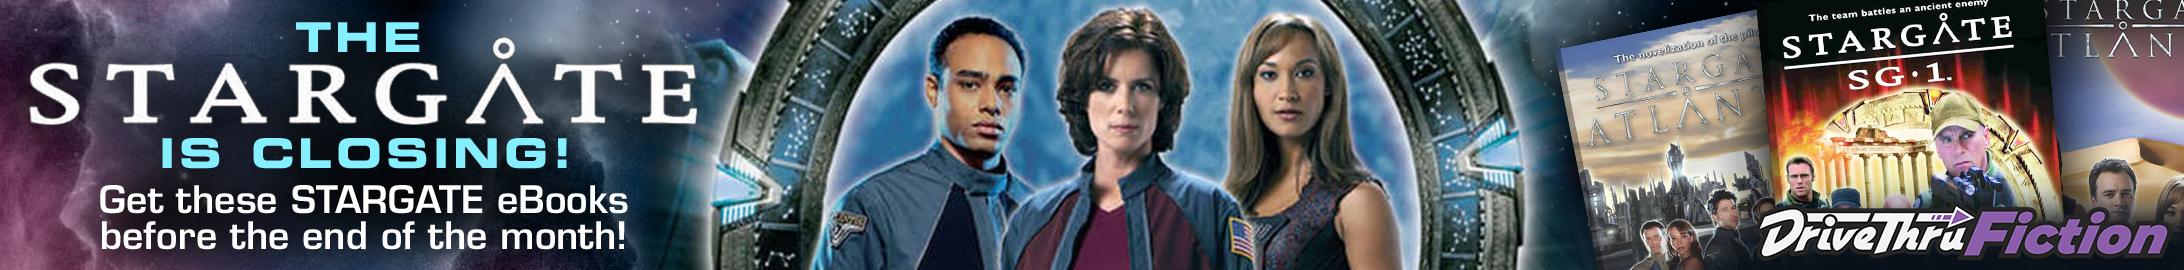 Stargate eBooks